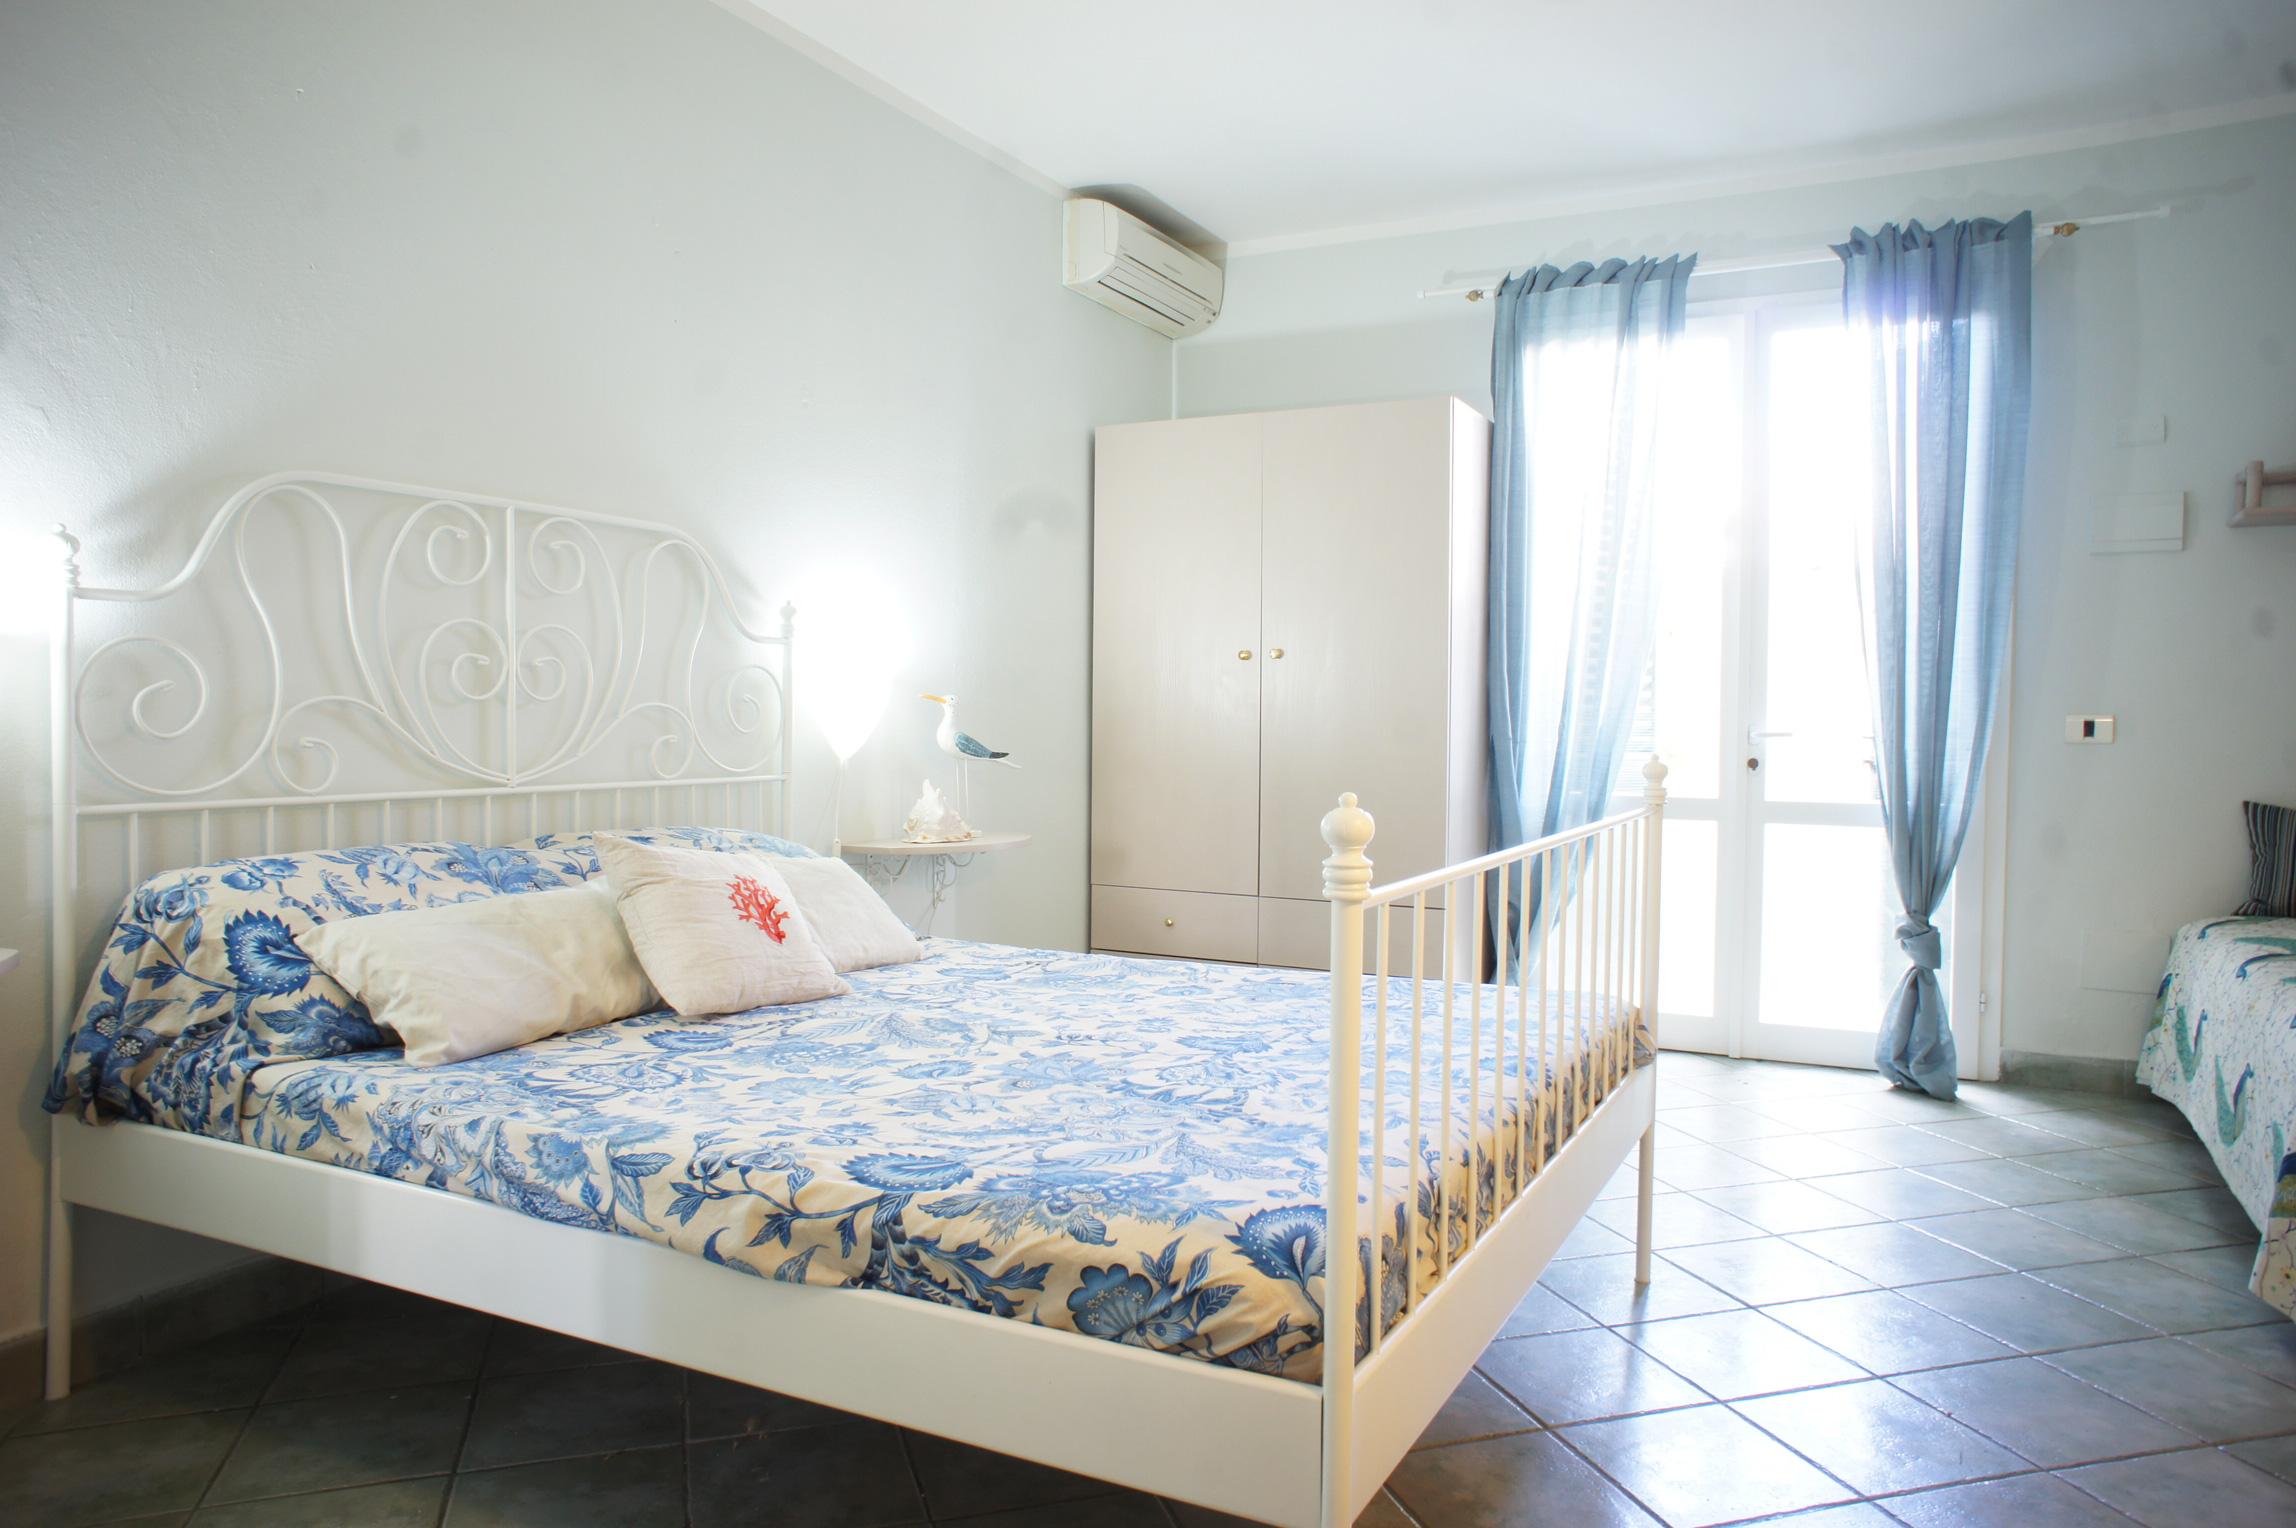 Casa Levante Curato monolocale a poca distanza dallla spiaggia di sabbia e dal centro di MARINA DI CAMPO con aria condizionata e posto macchina. Ottimo rapporto qualità / prezzo.